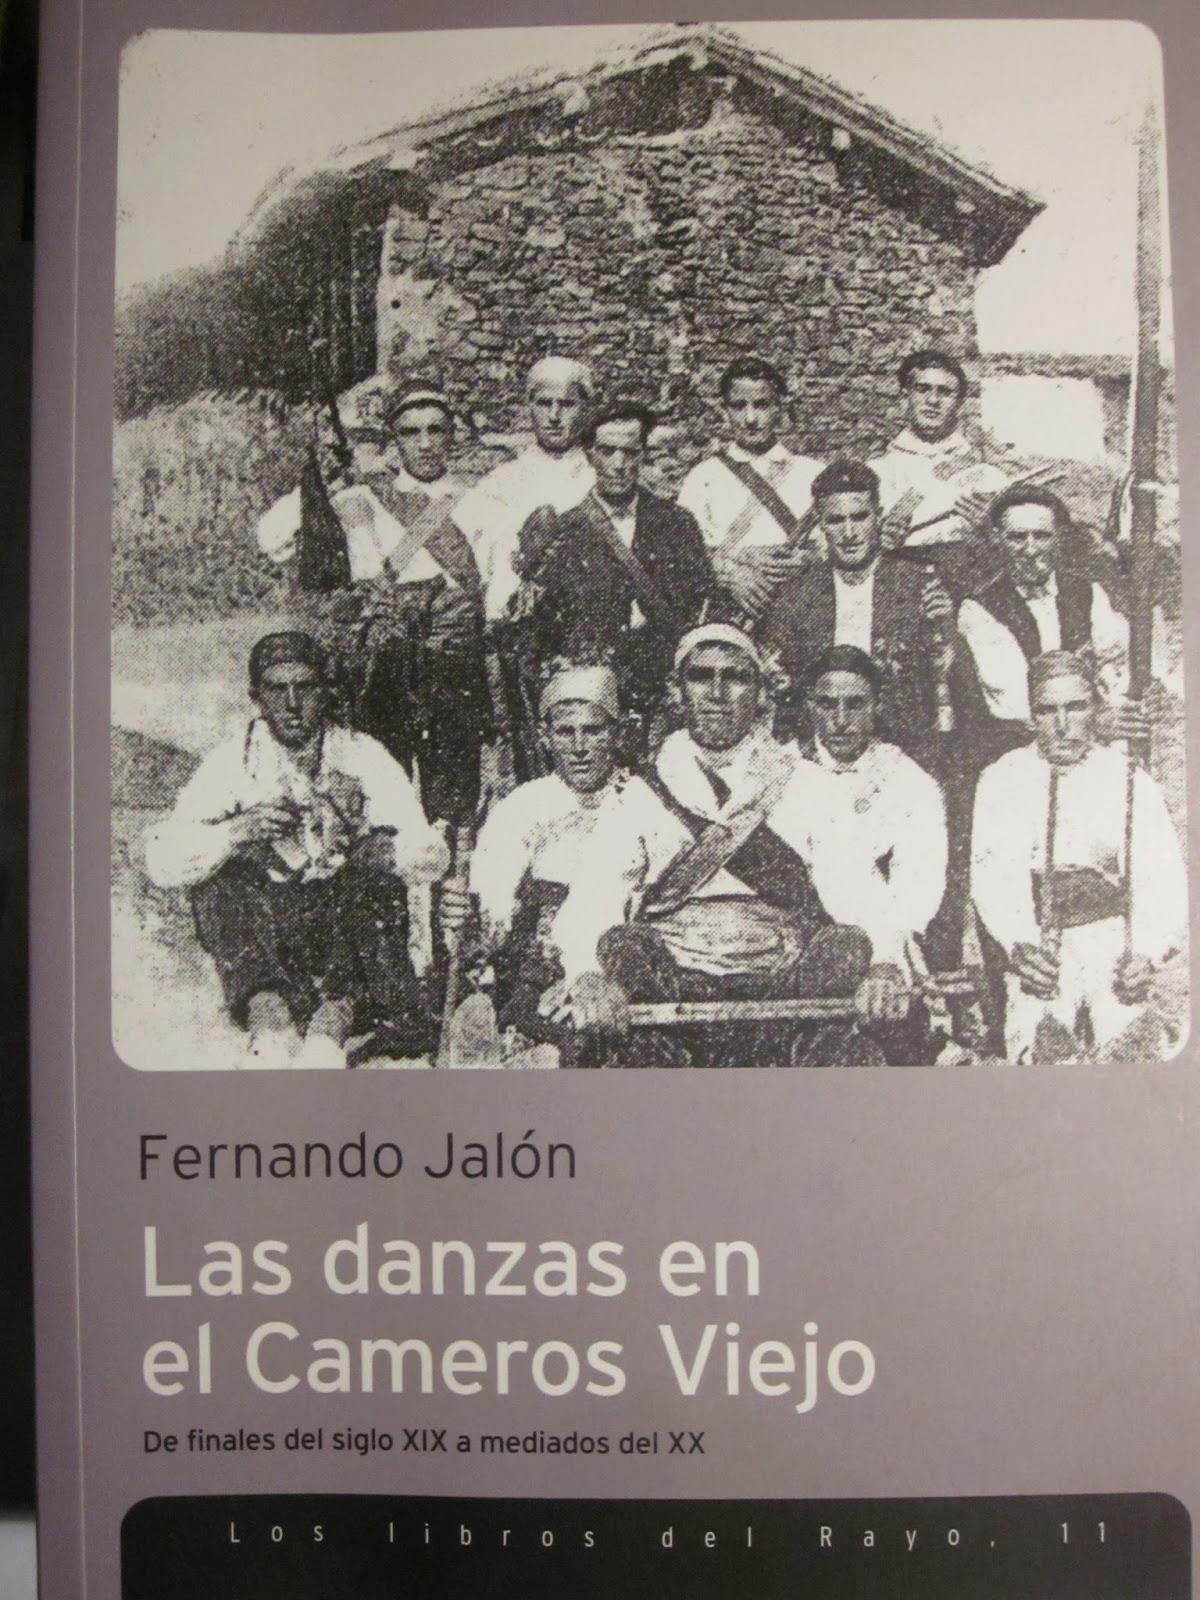 Jalón Jadraque, Fernando, Danzas del Cameros Viejo